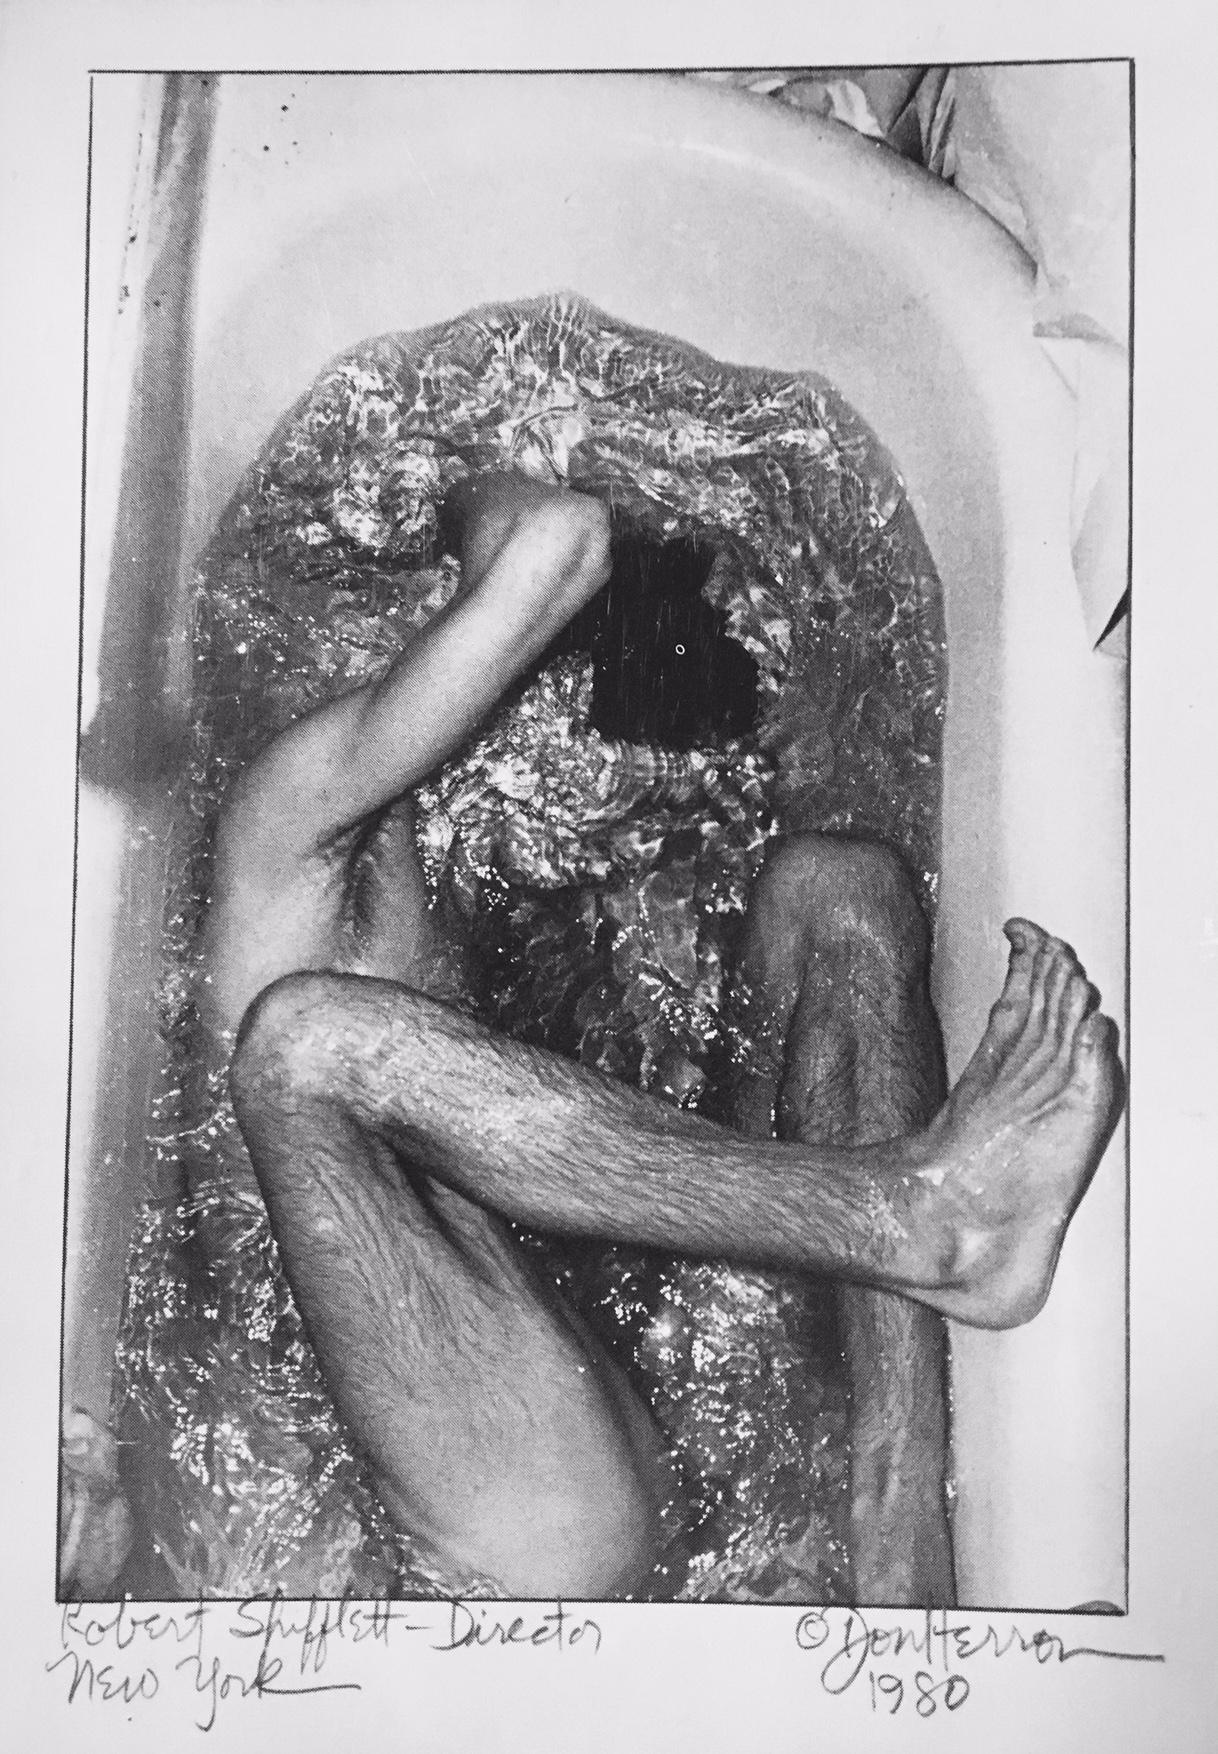 Robert Shifflett bathtub 1980